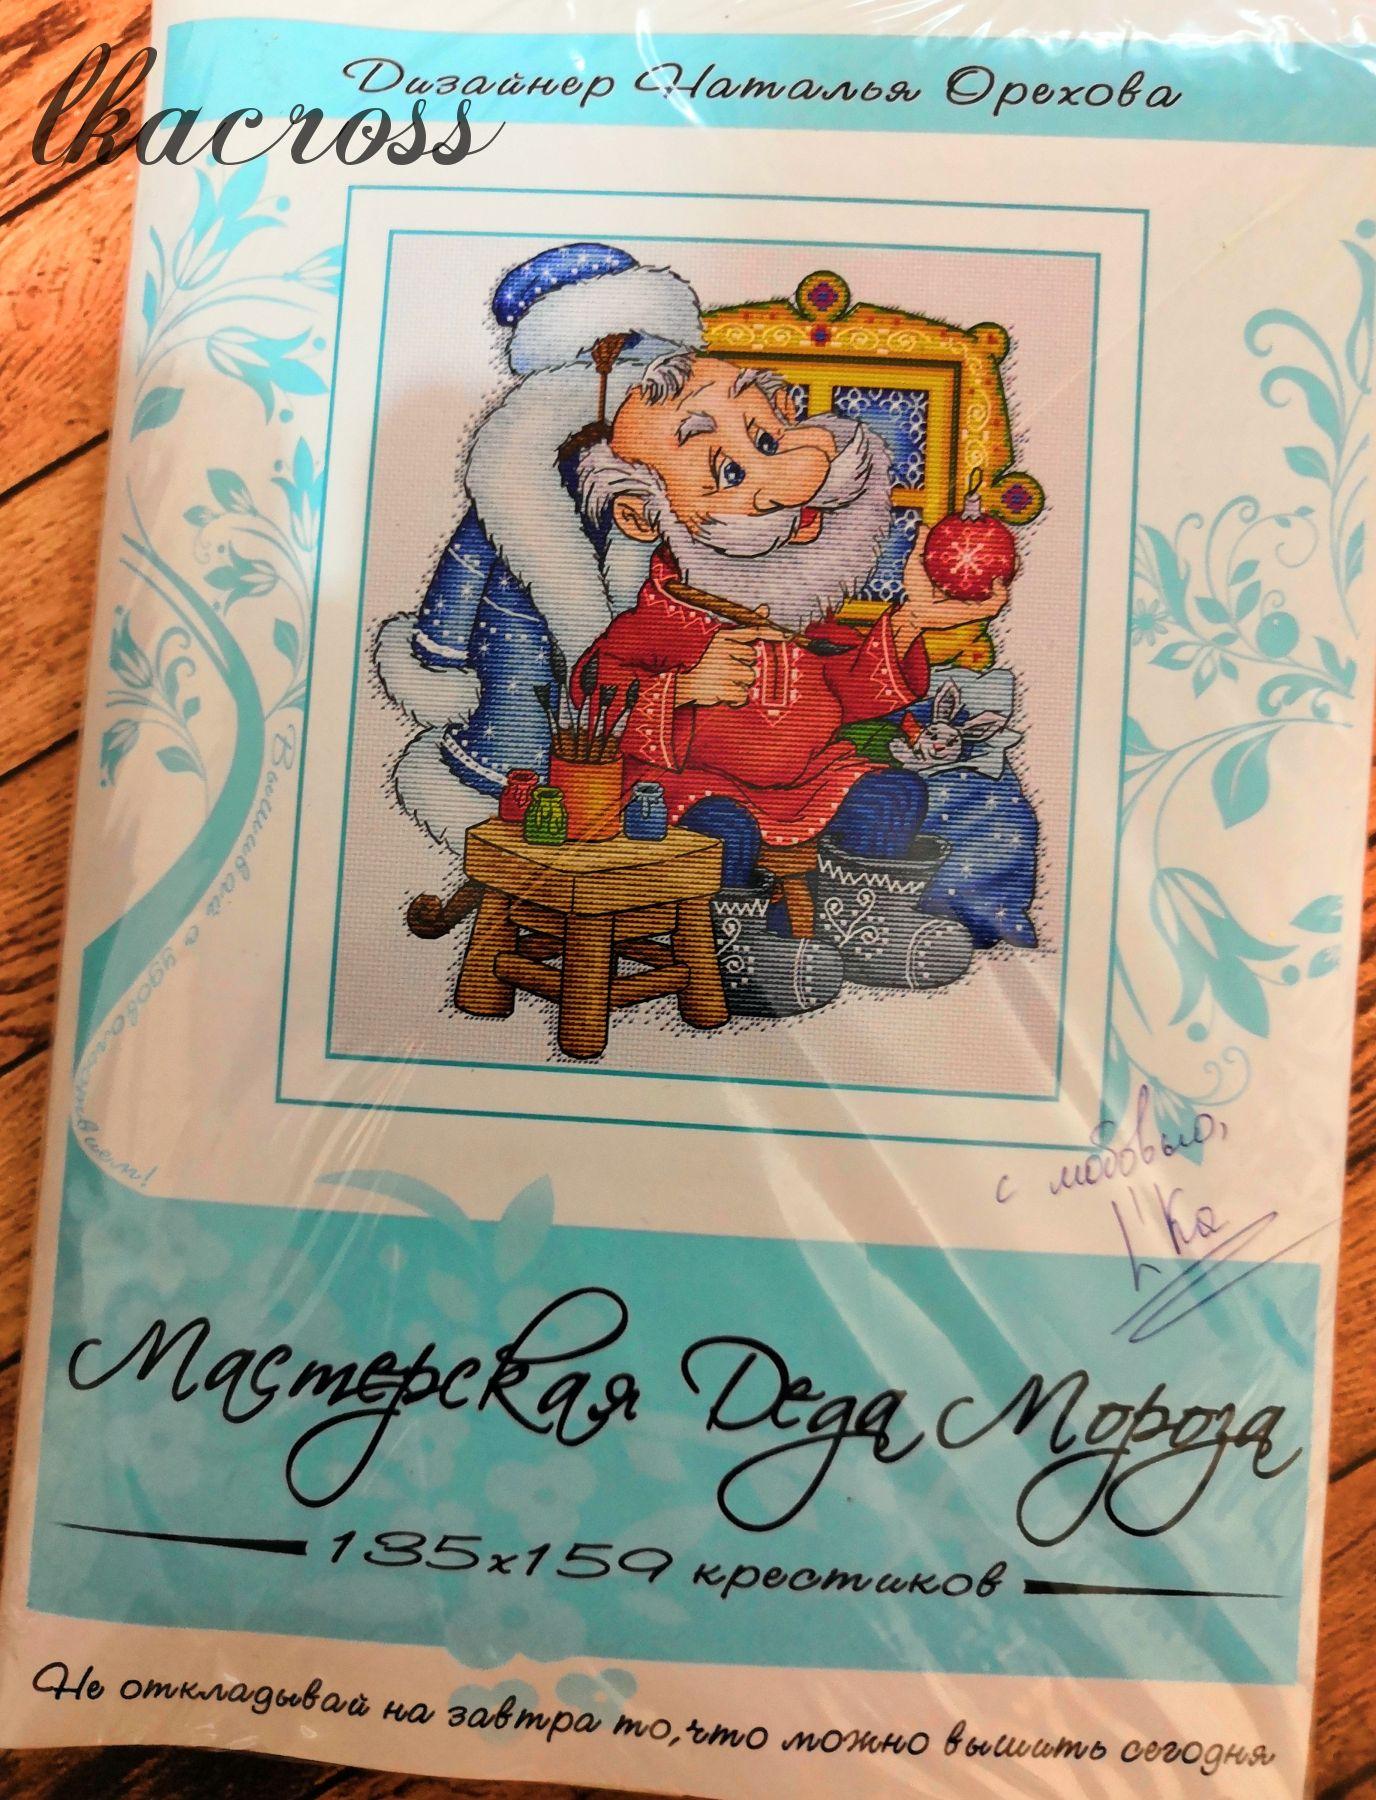 Набор для вышивки крестом Мастерская Деда Мороза.